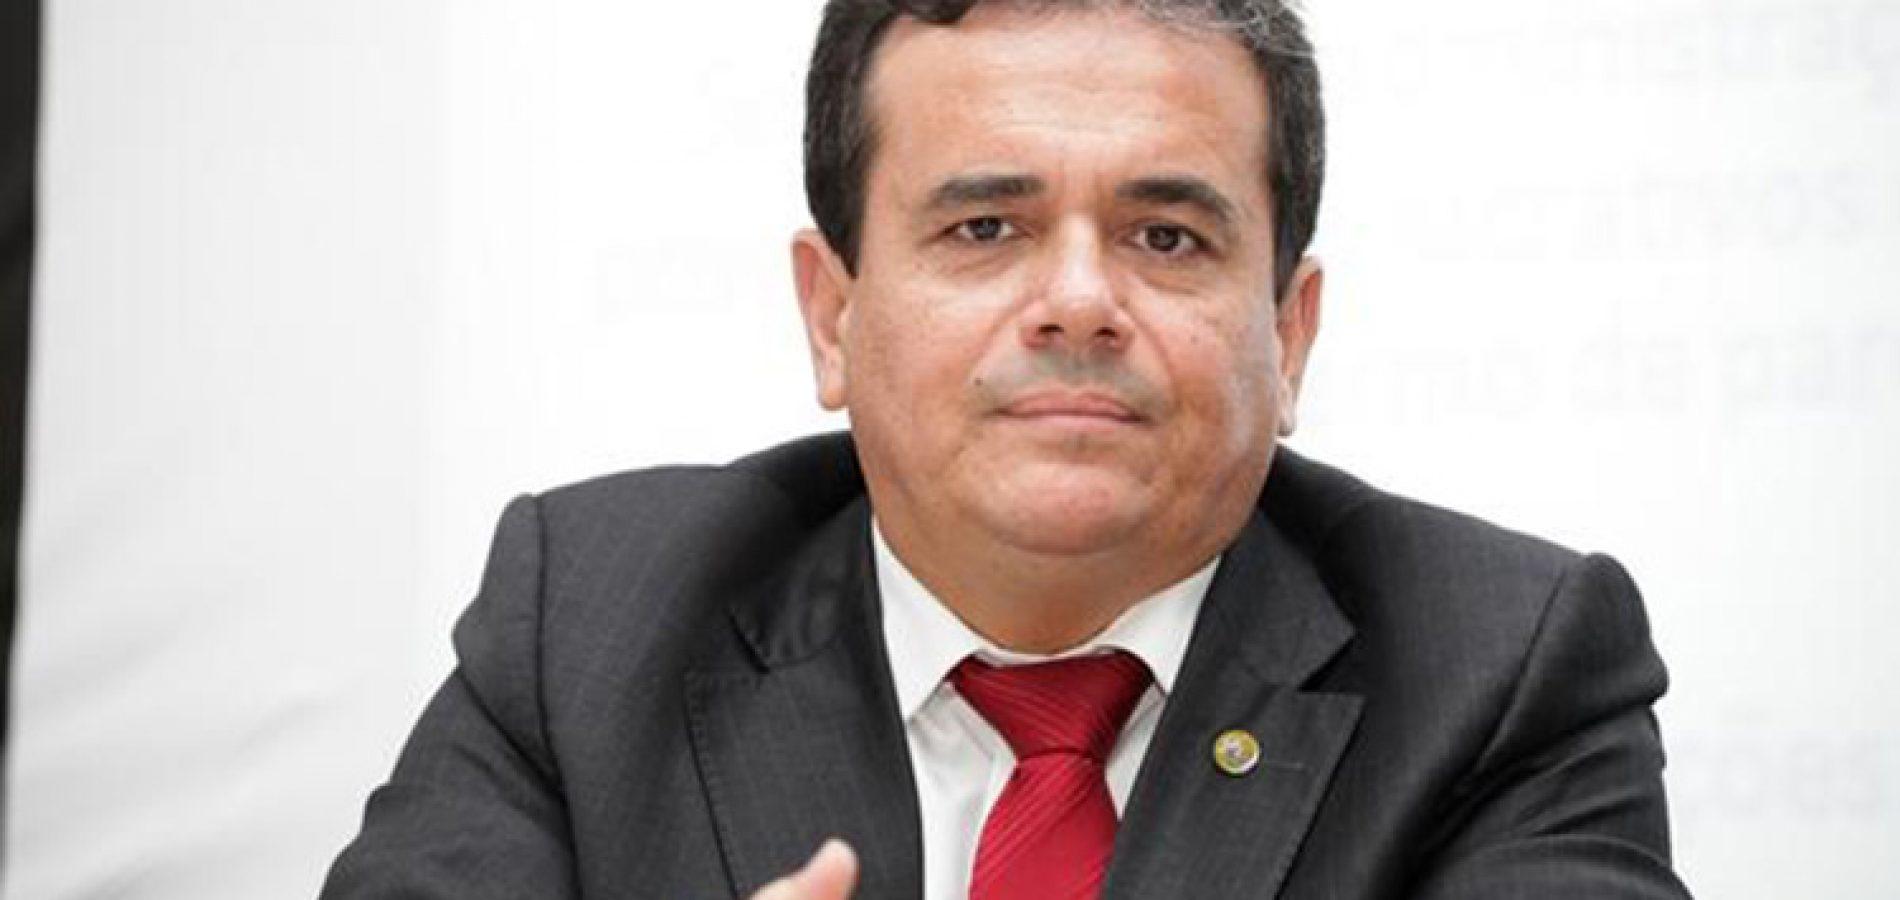 Mais de 60 cidades do Piauí pedem calamidade pelo Covid-19 e deputados querem fiscalização